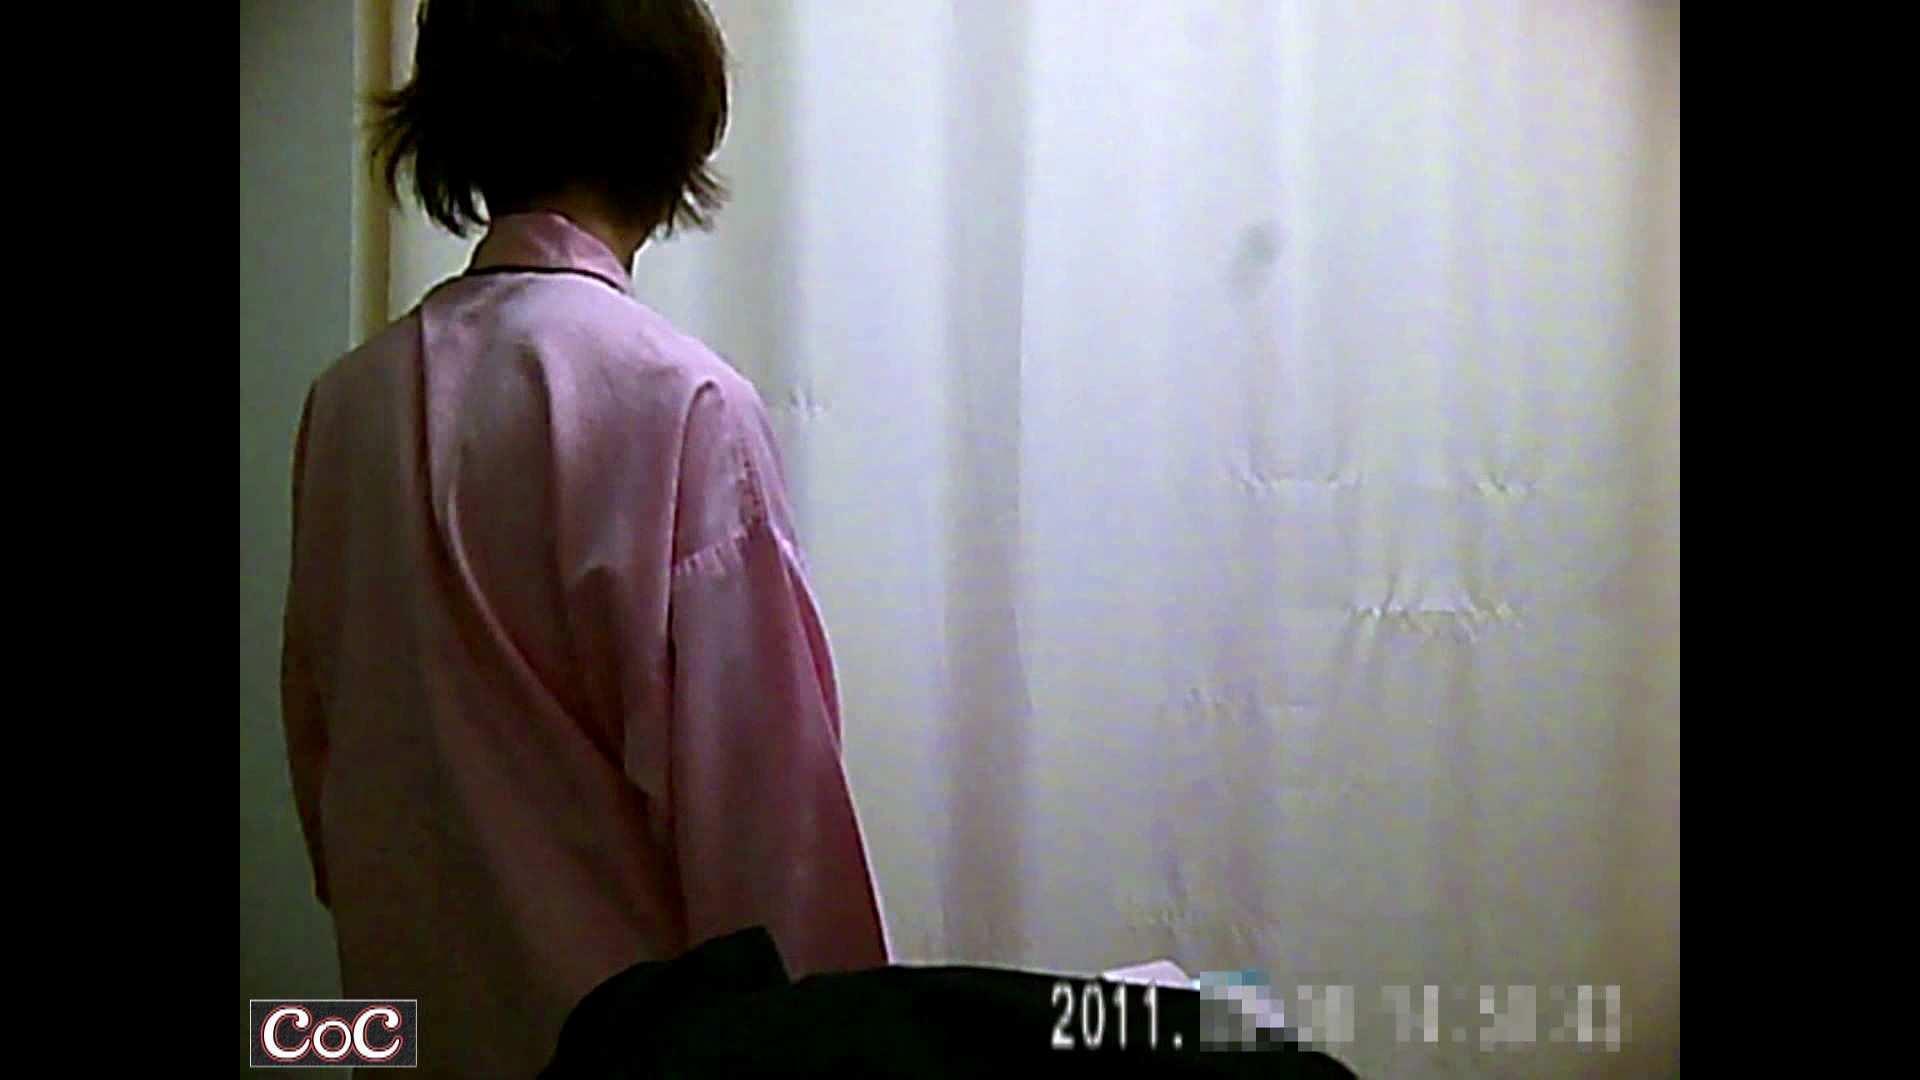 病院おもいっきり着替え! vol.12 着替え おめこ無修正動画無料 110pic 14